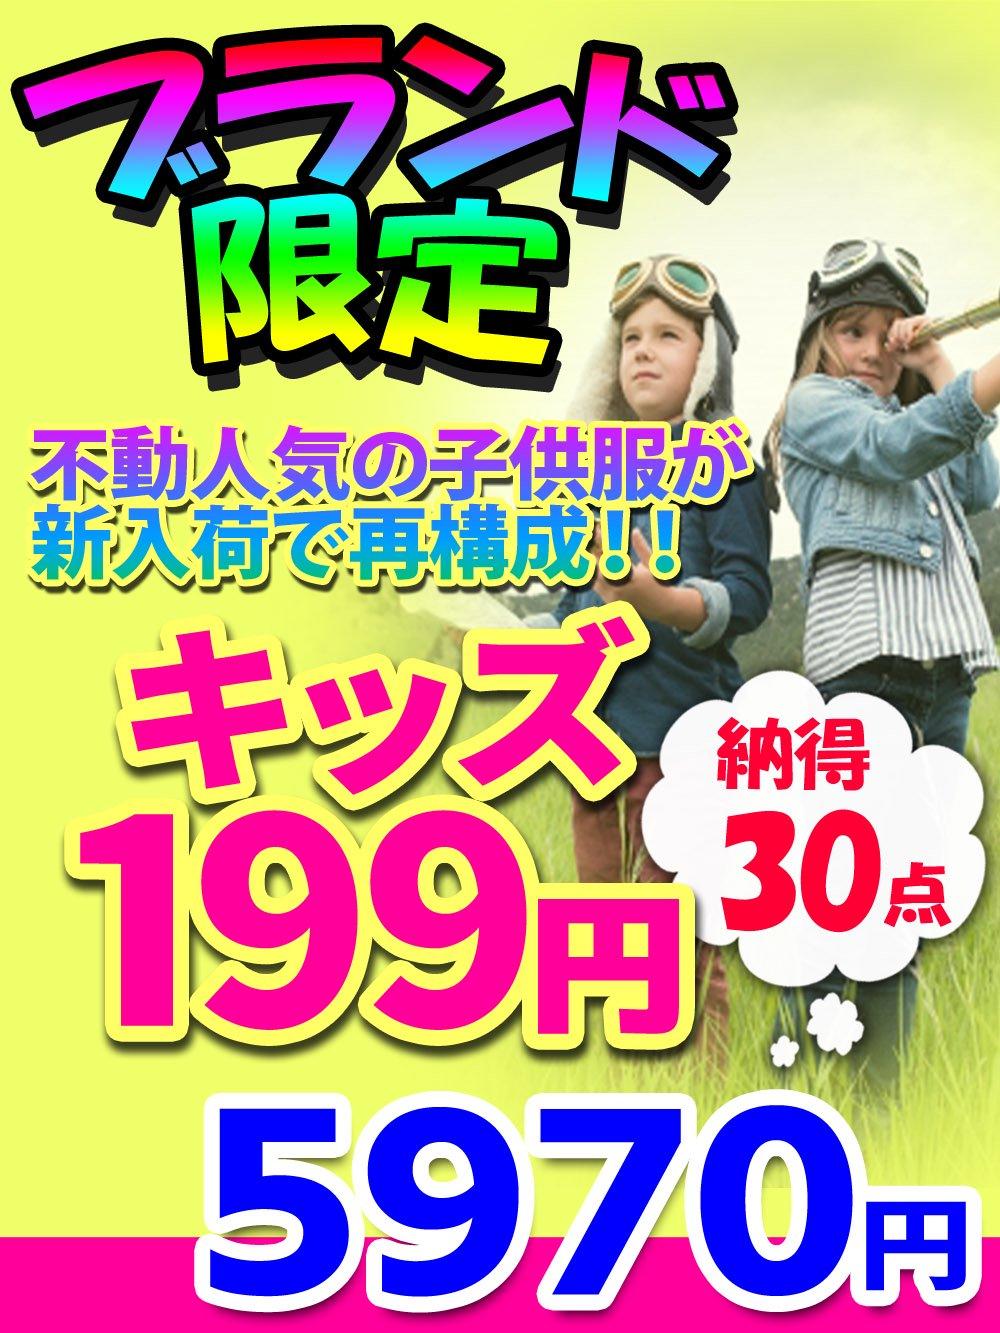 【ブランド限定キッズ199円】不動人気の子供服が再構成で登場!【30点】@199